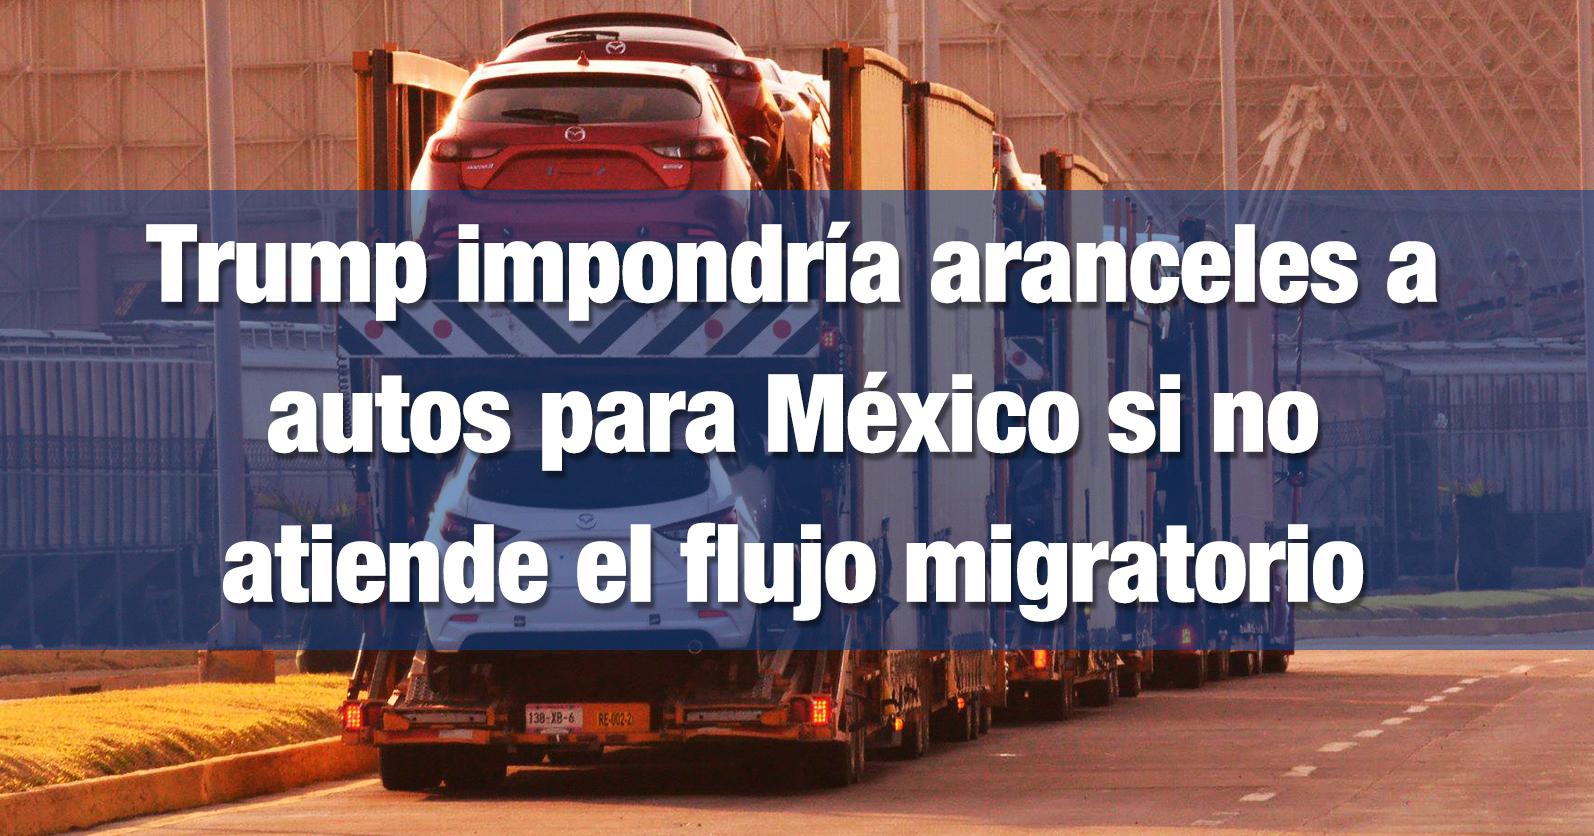 Trump impondría aranceles a autos para México si no atiende el flujo migratorio